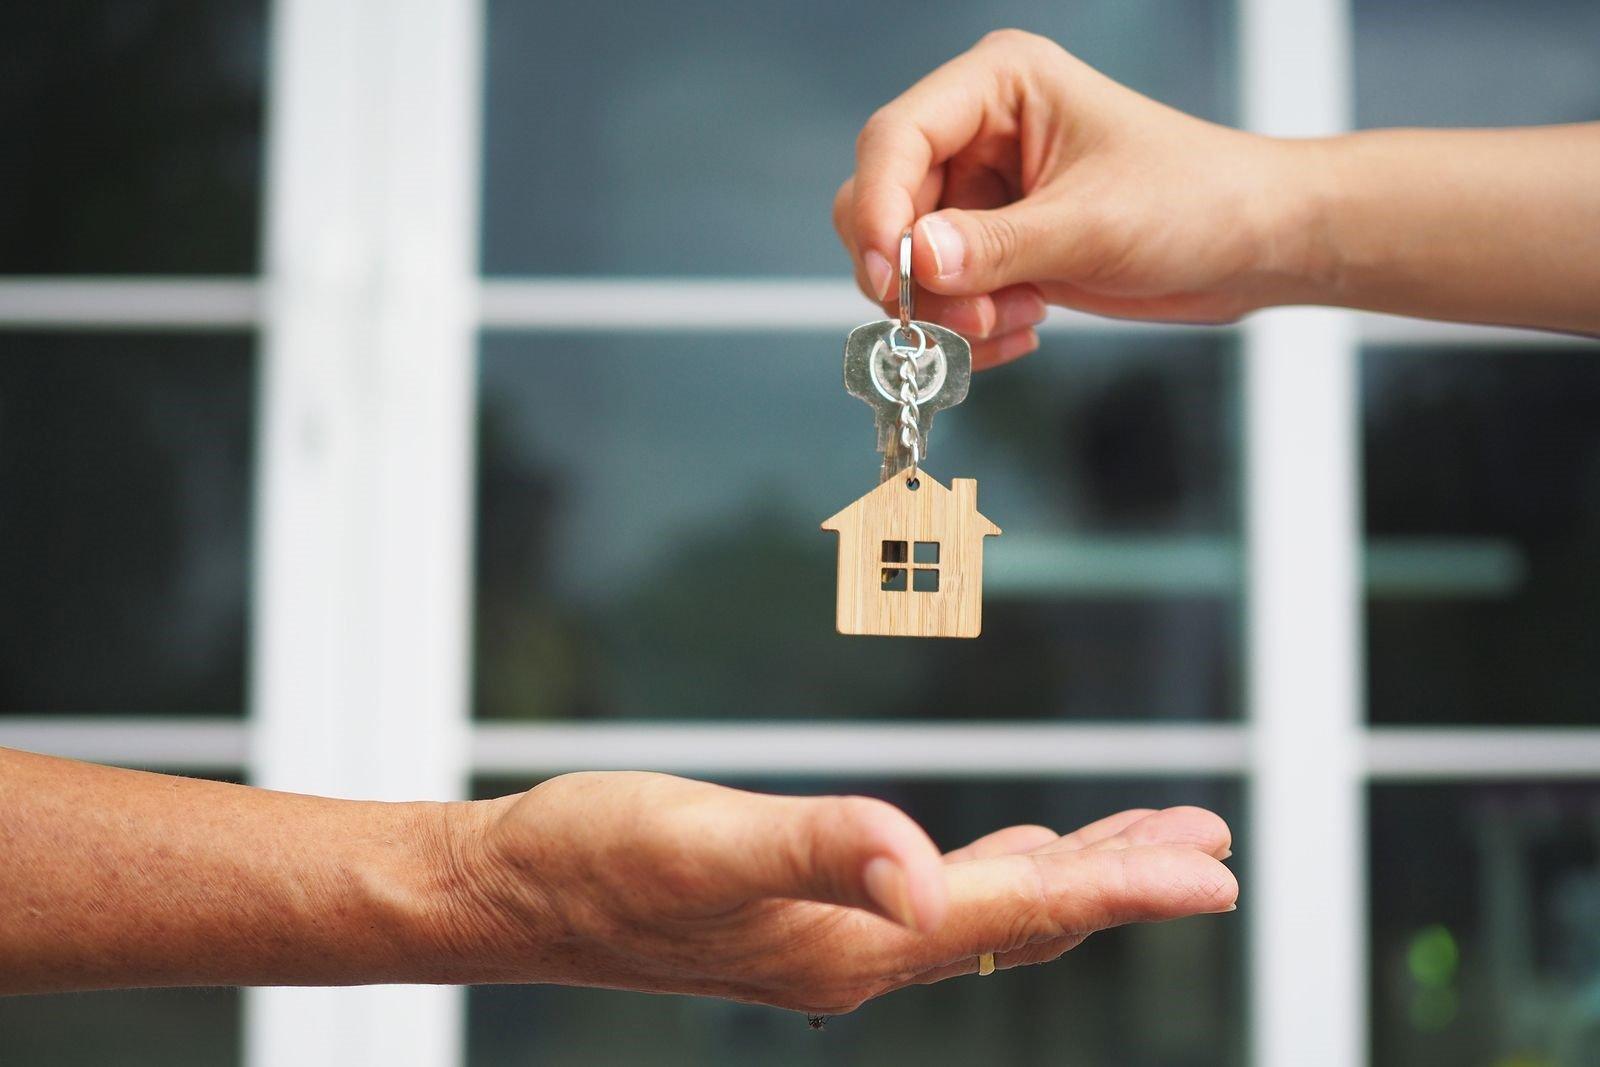 ¿Qué esperar al Vender su Casa mediante Alquiler con opción a Compra en Houston?